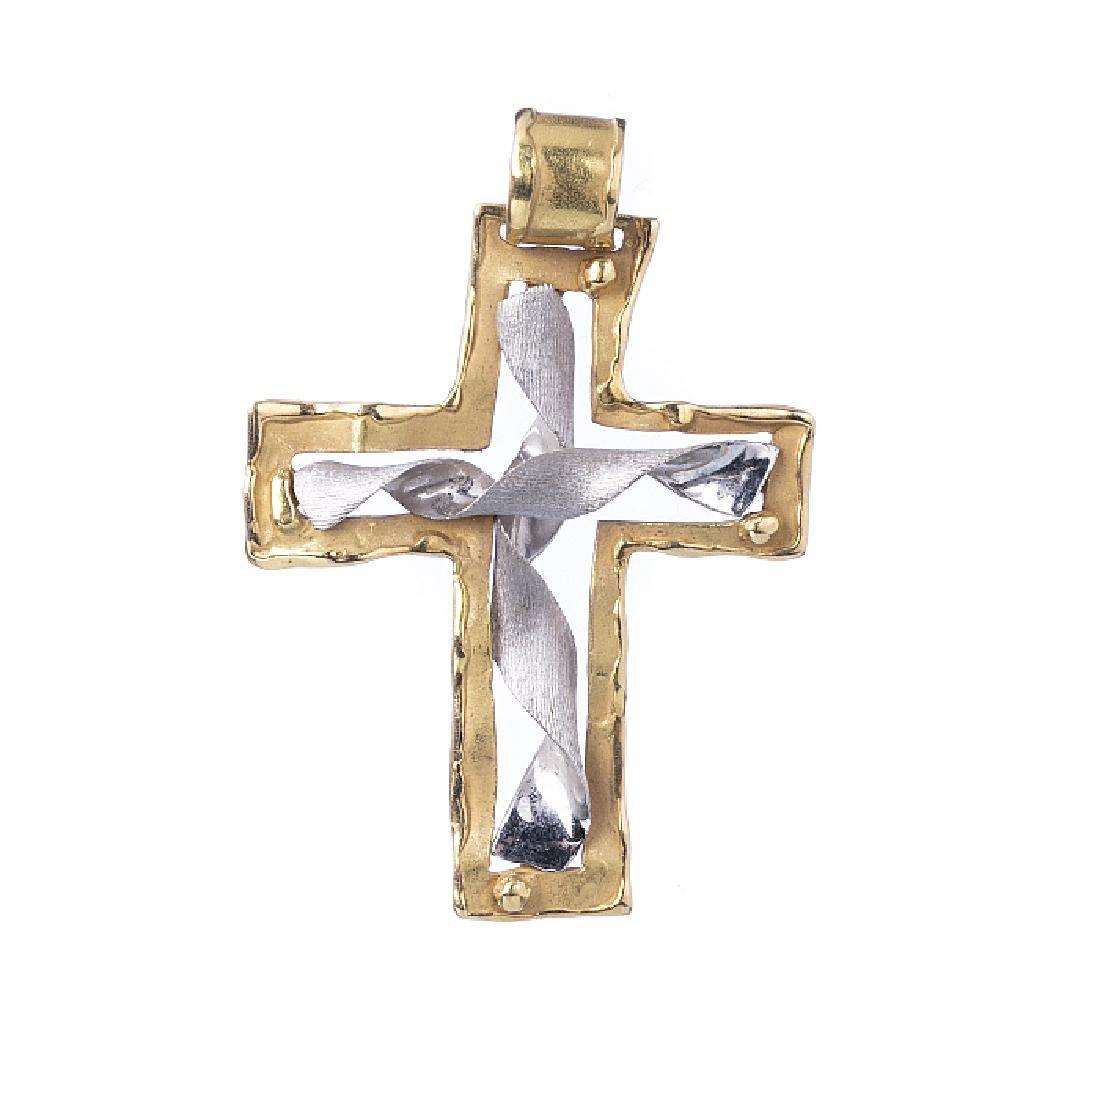 Modernist crucifix pendant in gold